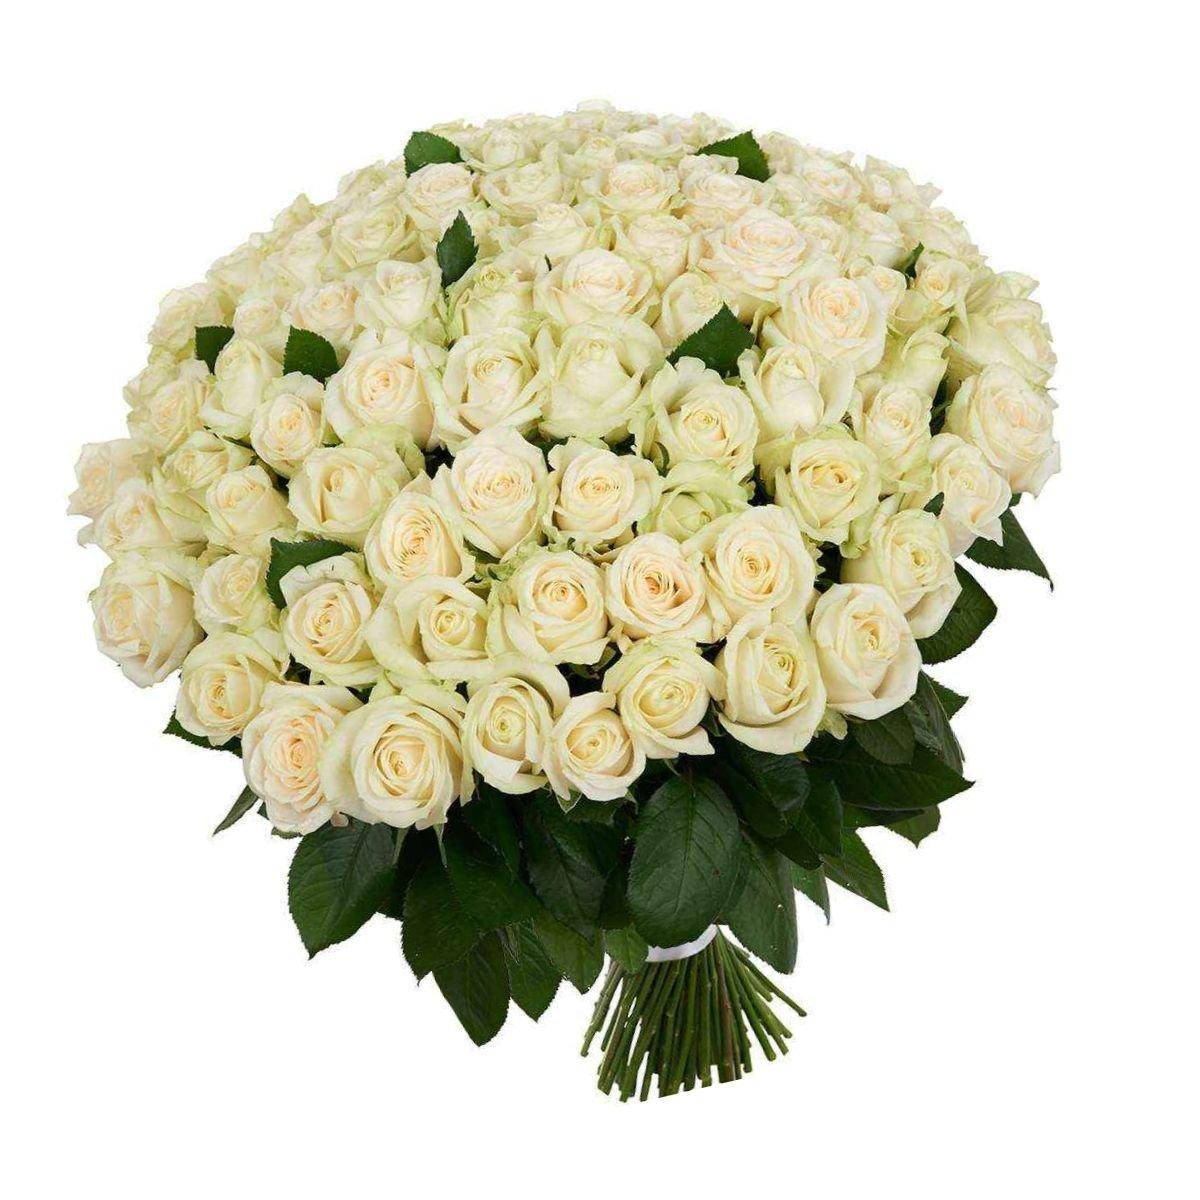 ложной картинки охапка белых роз с кольцом особой